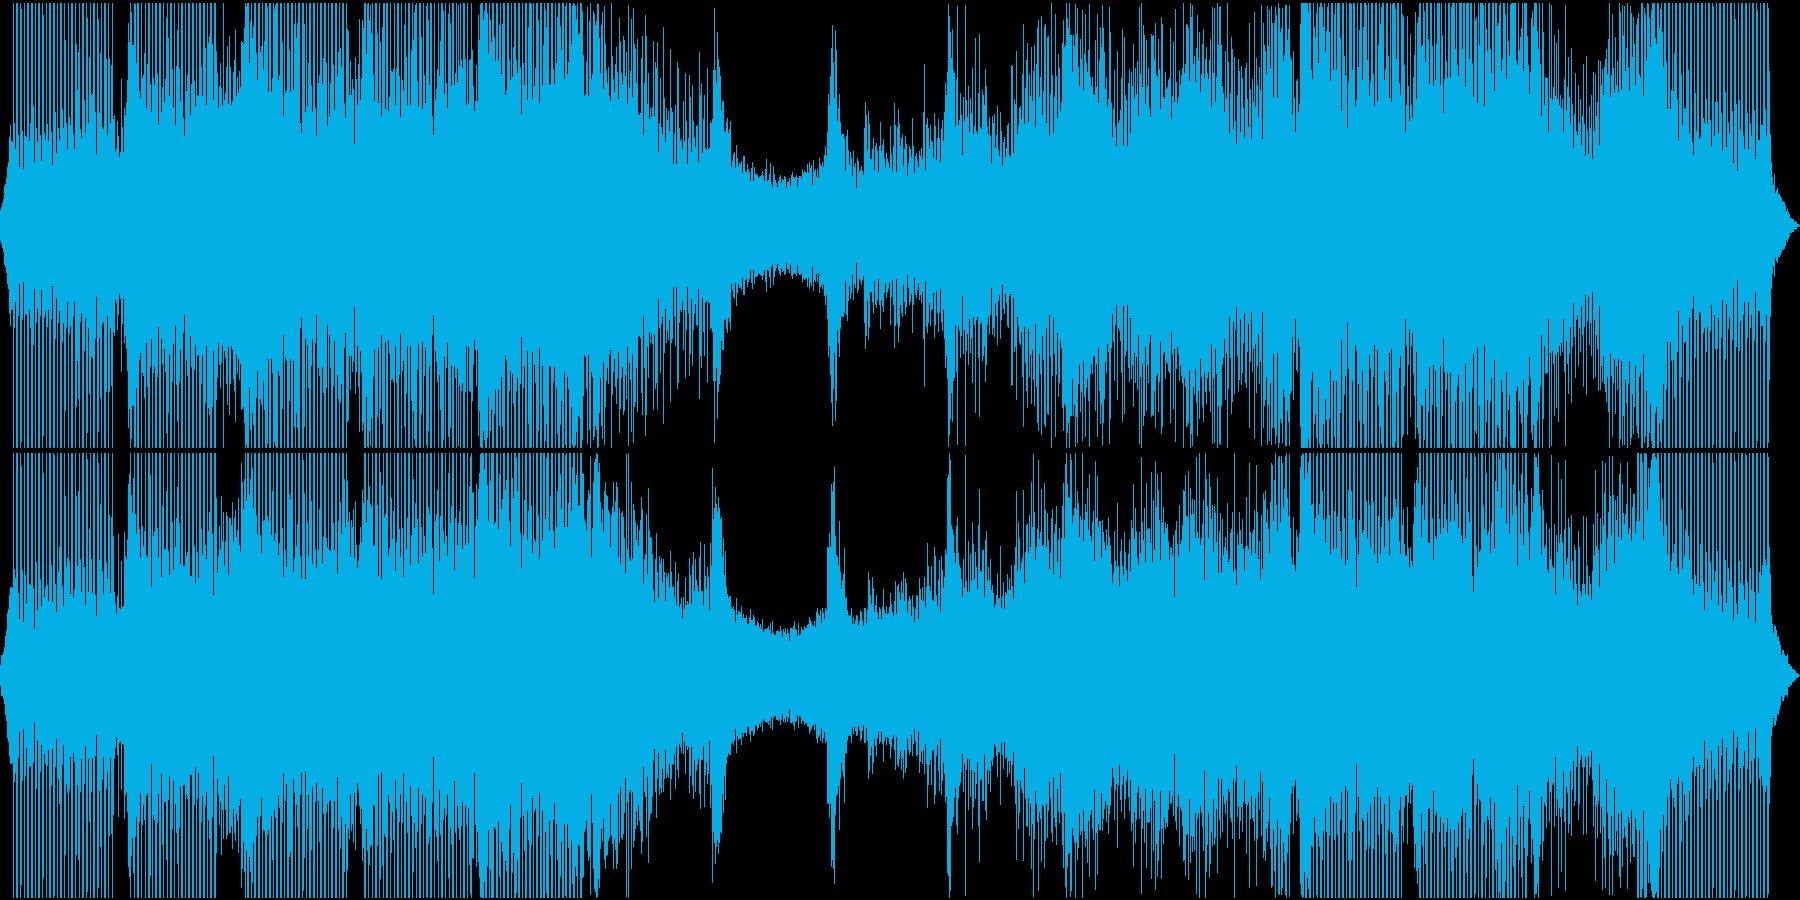 ポジティブでループ感のある曲の再生済みの波形